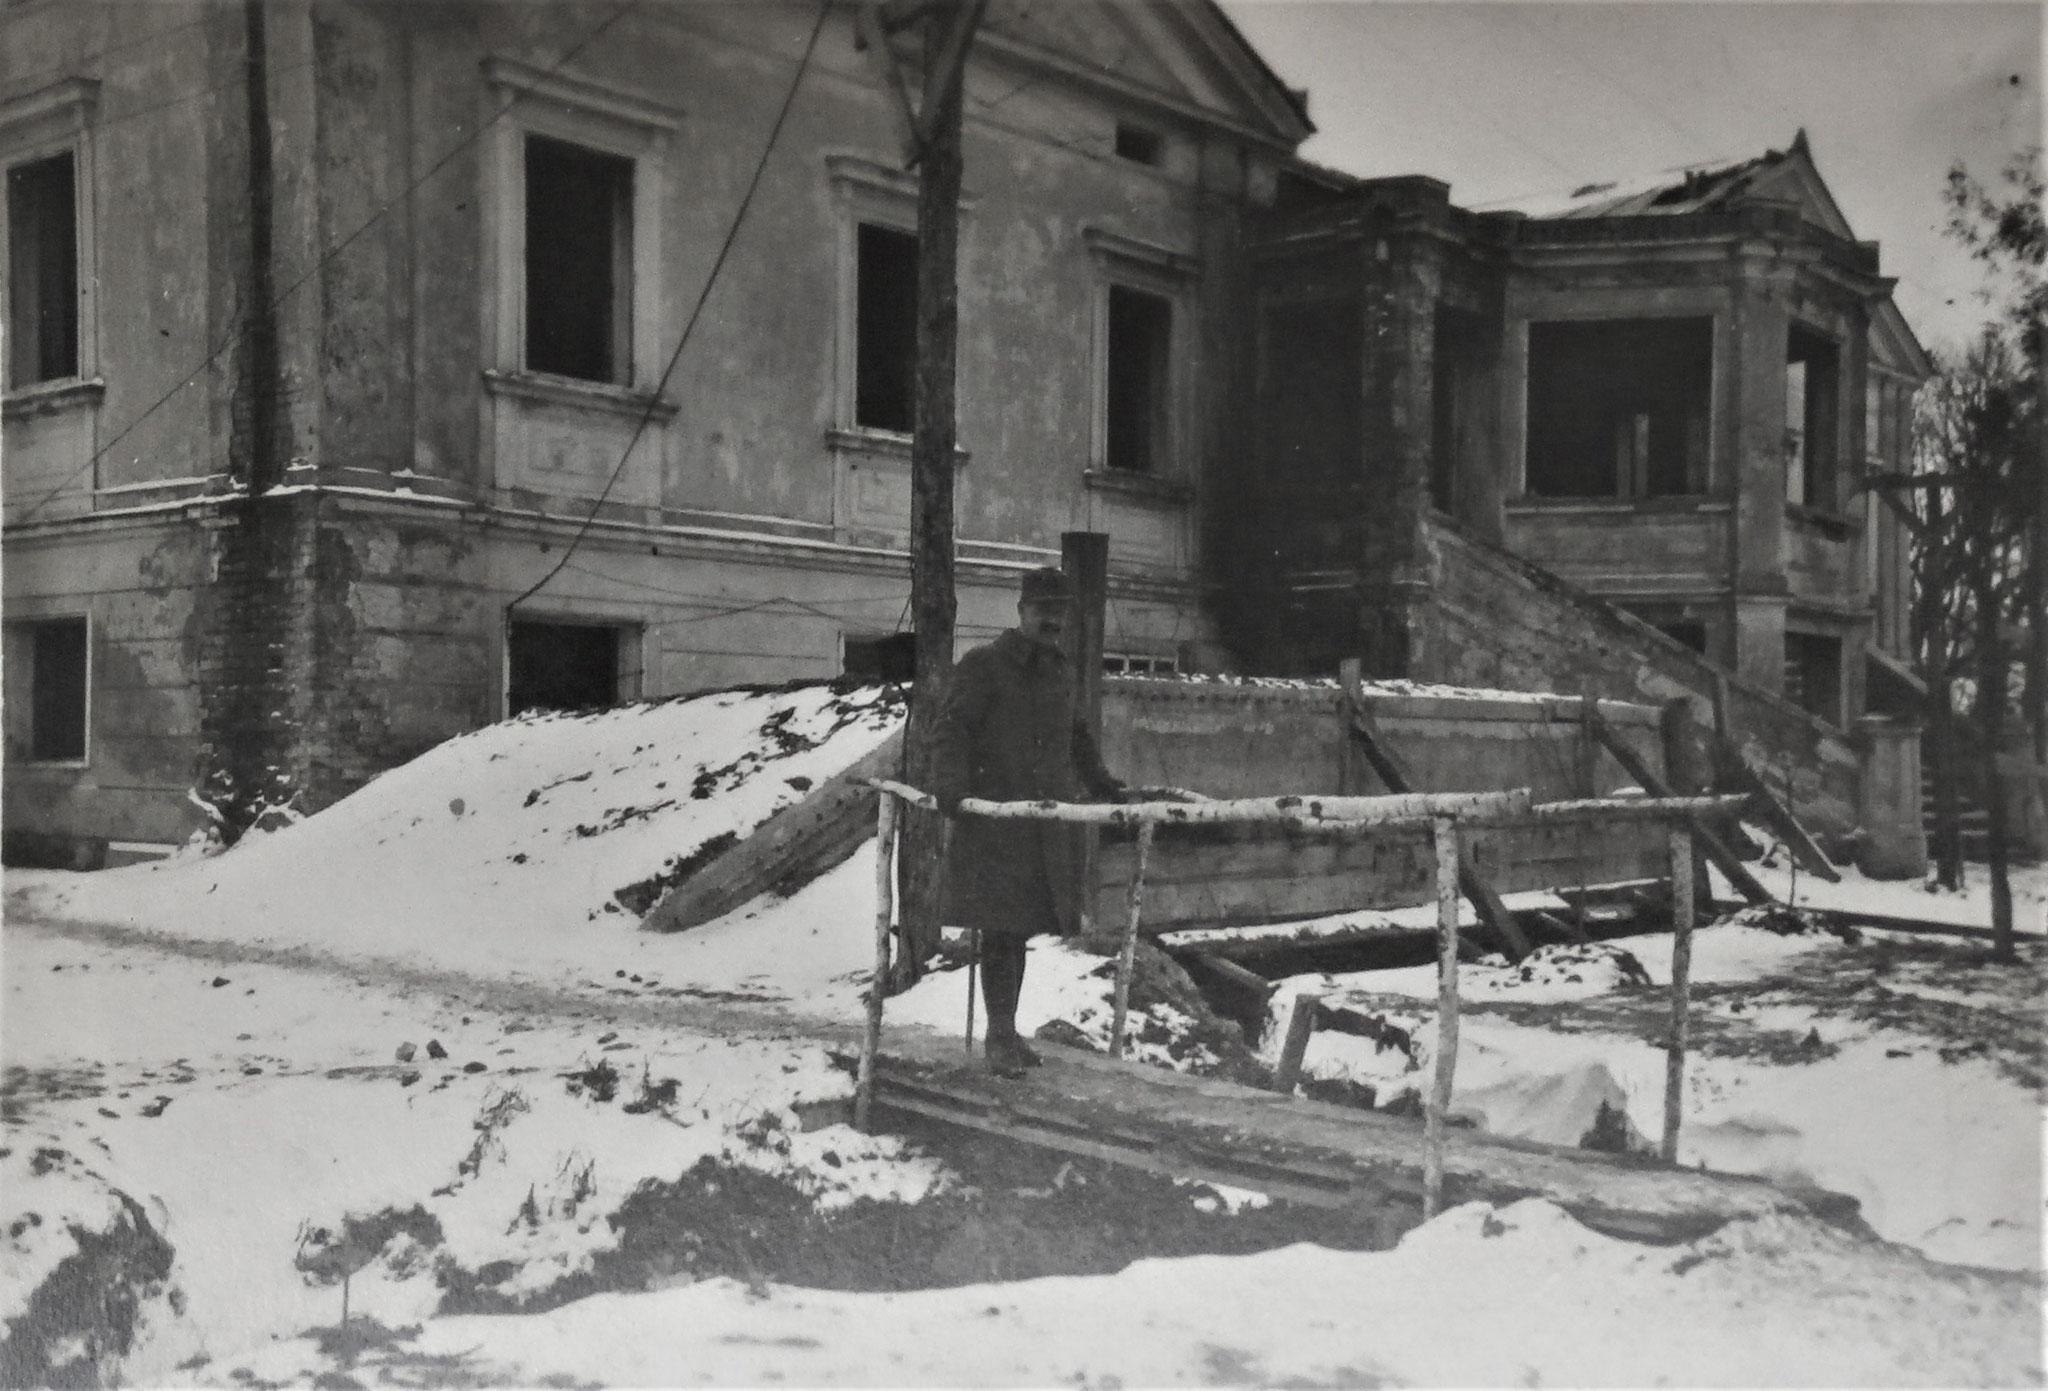 Sitz des Kampftruppenkmdos D5.